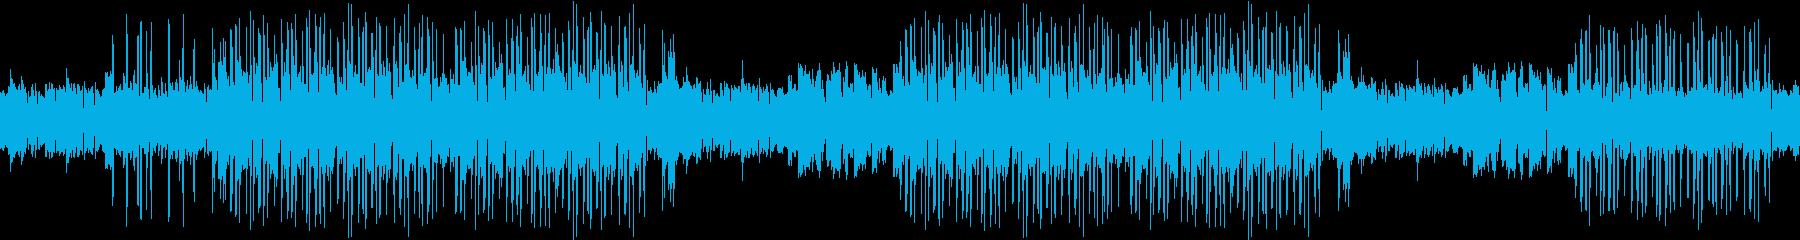 ギター・センチメンタル・葛藤・ループの再生済みの波形